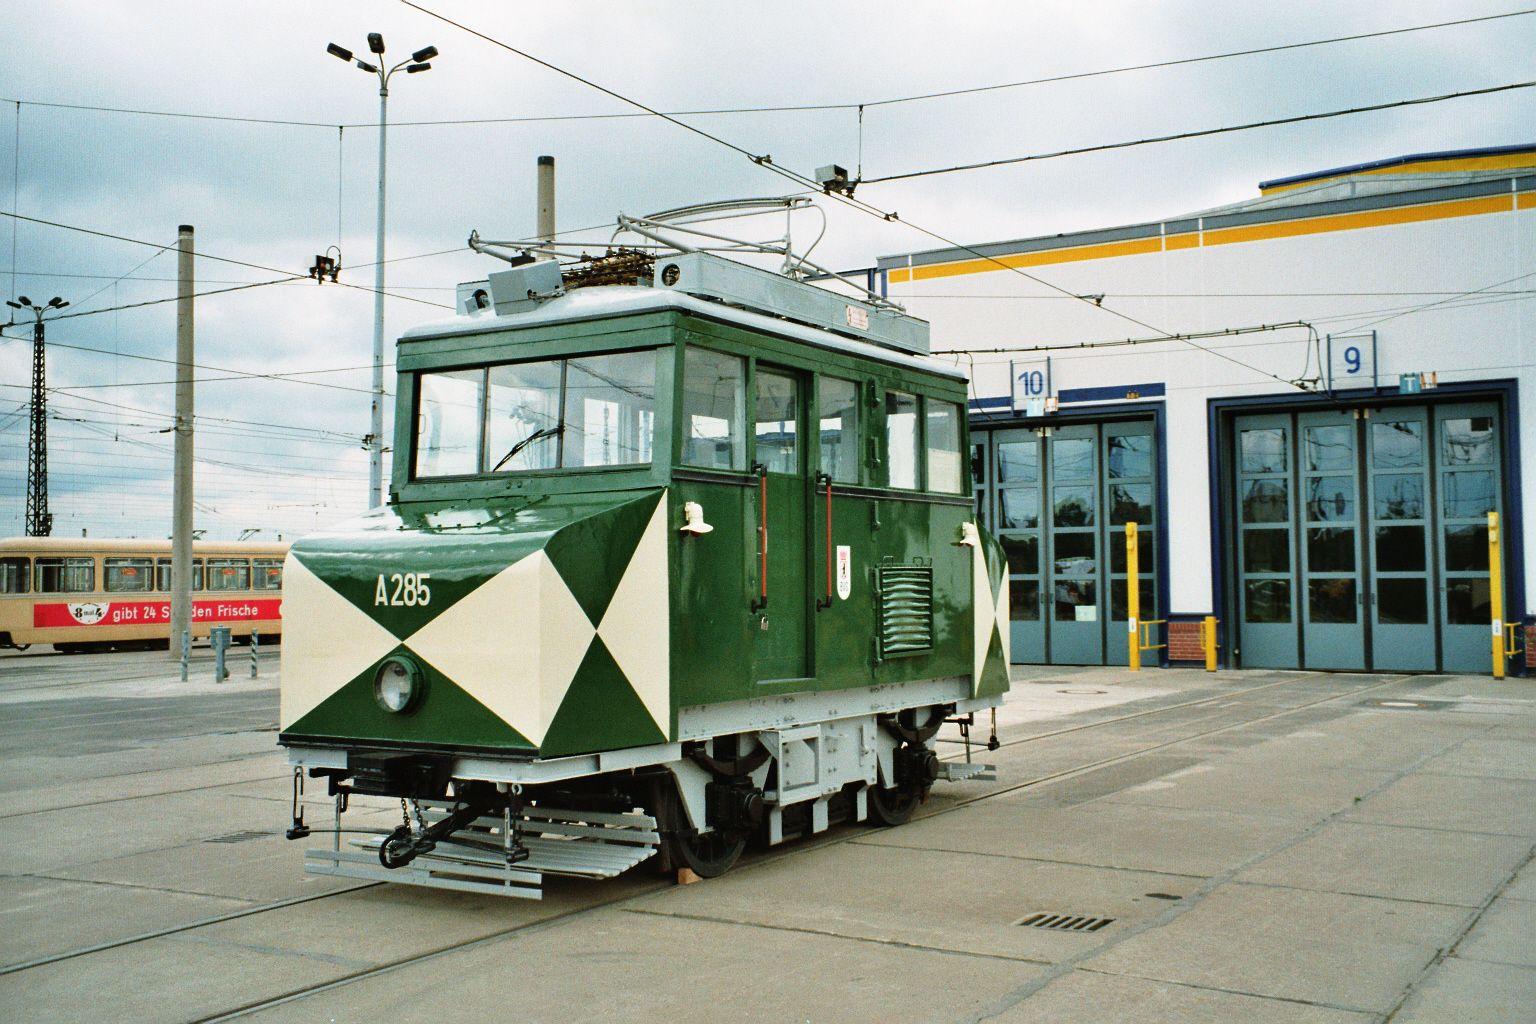 [img]http://www.berliner-verkehr.de/trbilder/285.jpg[/img]